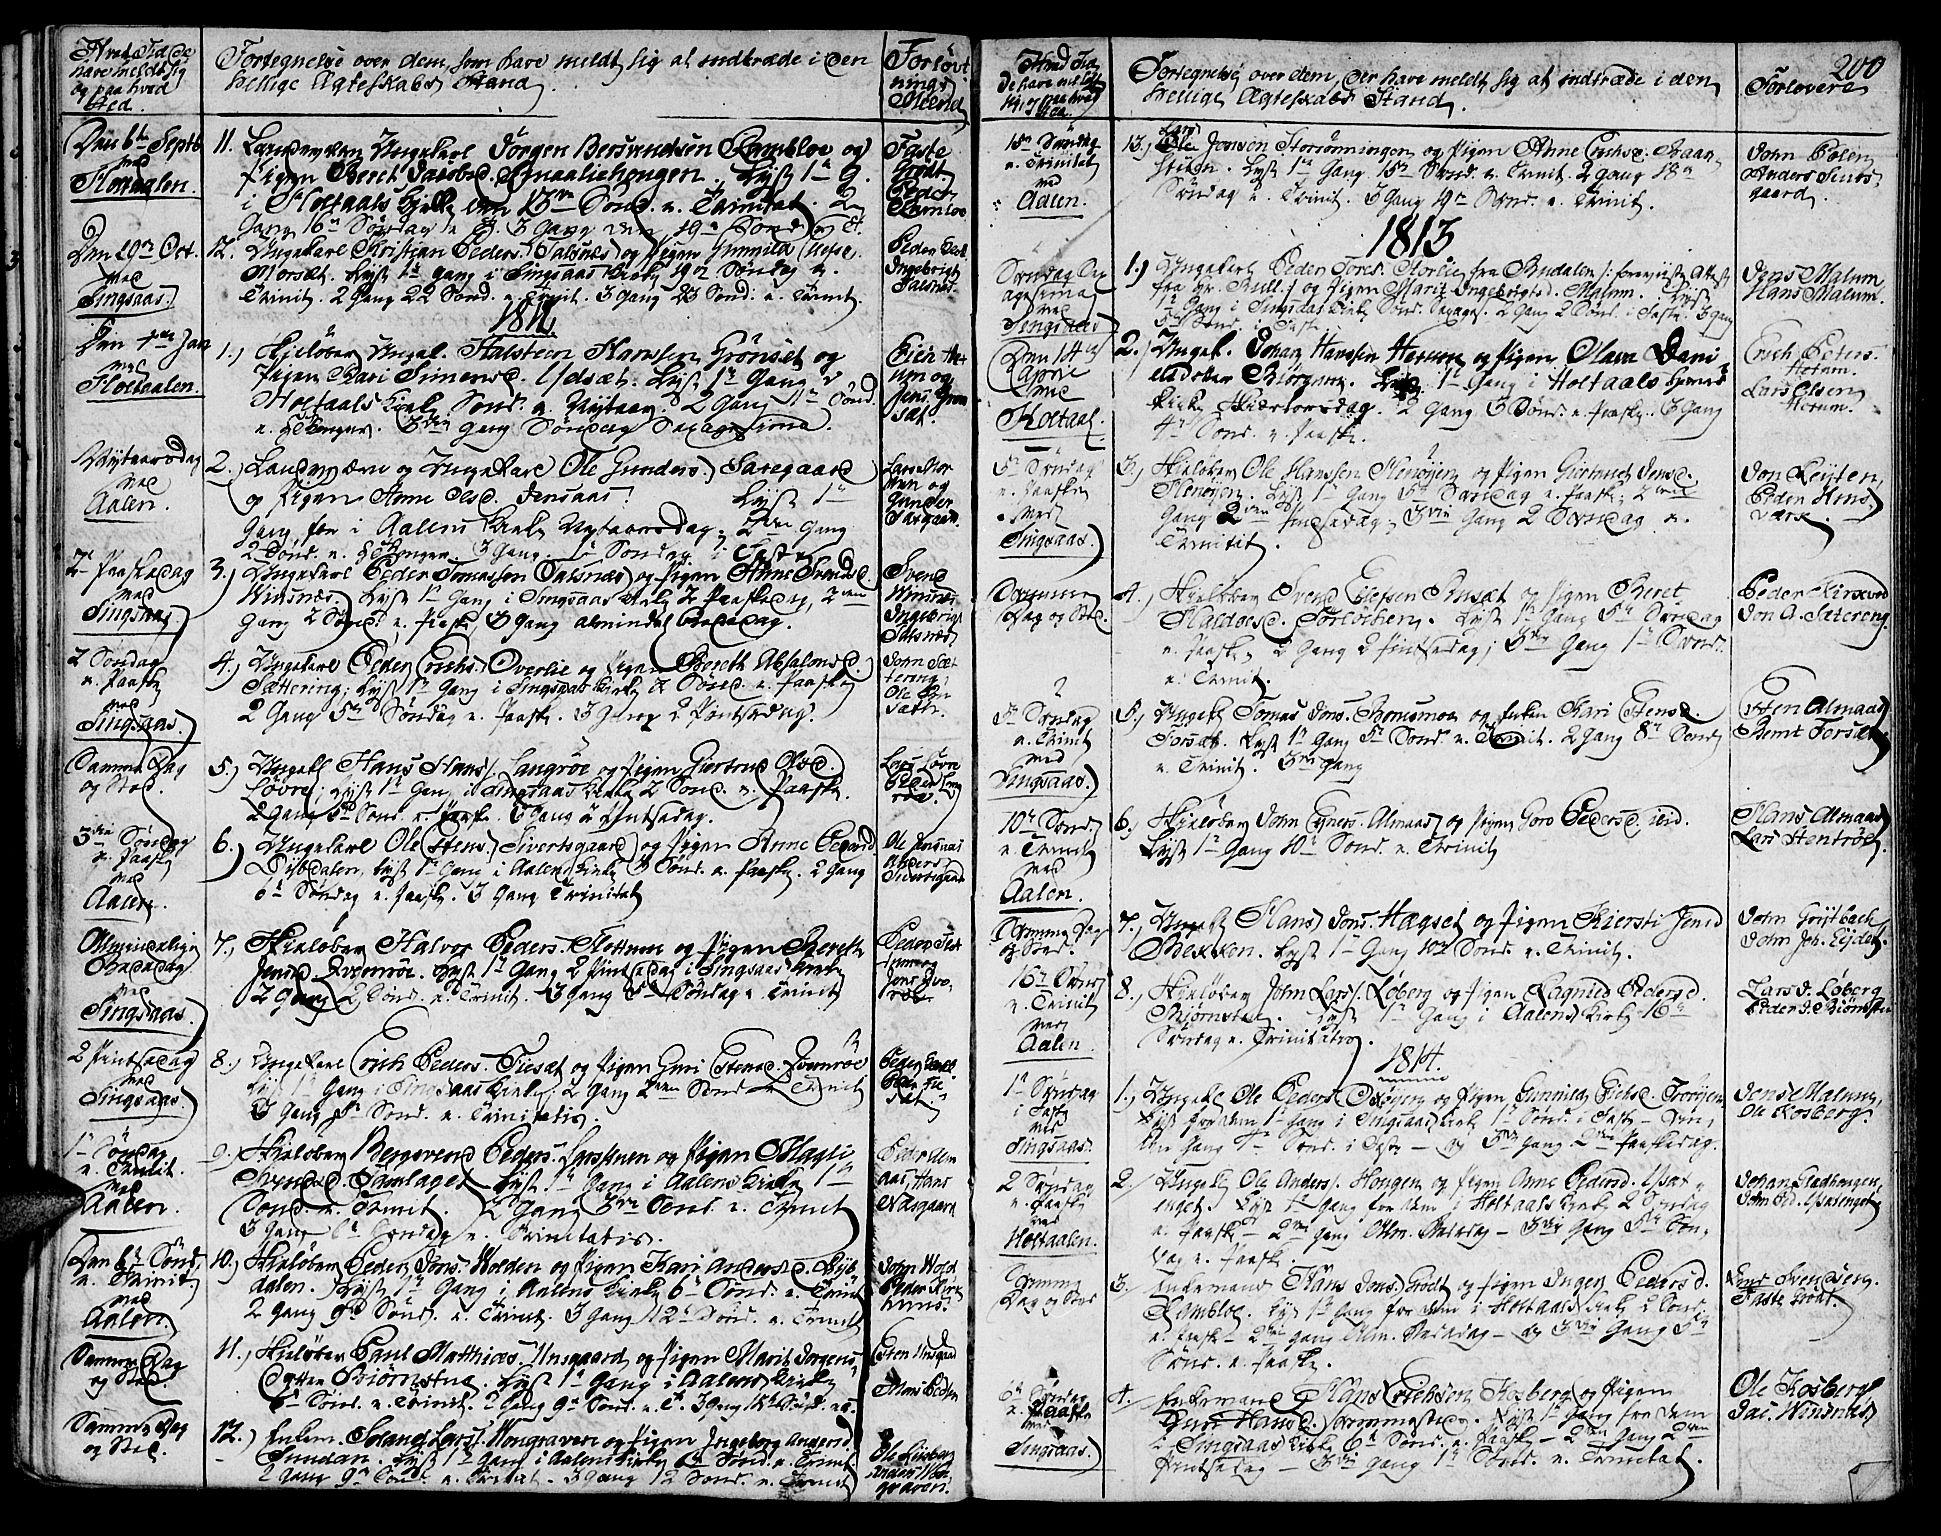 SAT, Ministerialprotokoller, klokkerbøker og fødselsregistre - Sør-Trøndelag, 685/L0953: Ministerialbok nr. 685A02, 1805-1816, s. 200